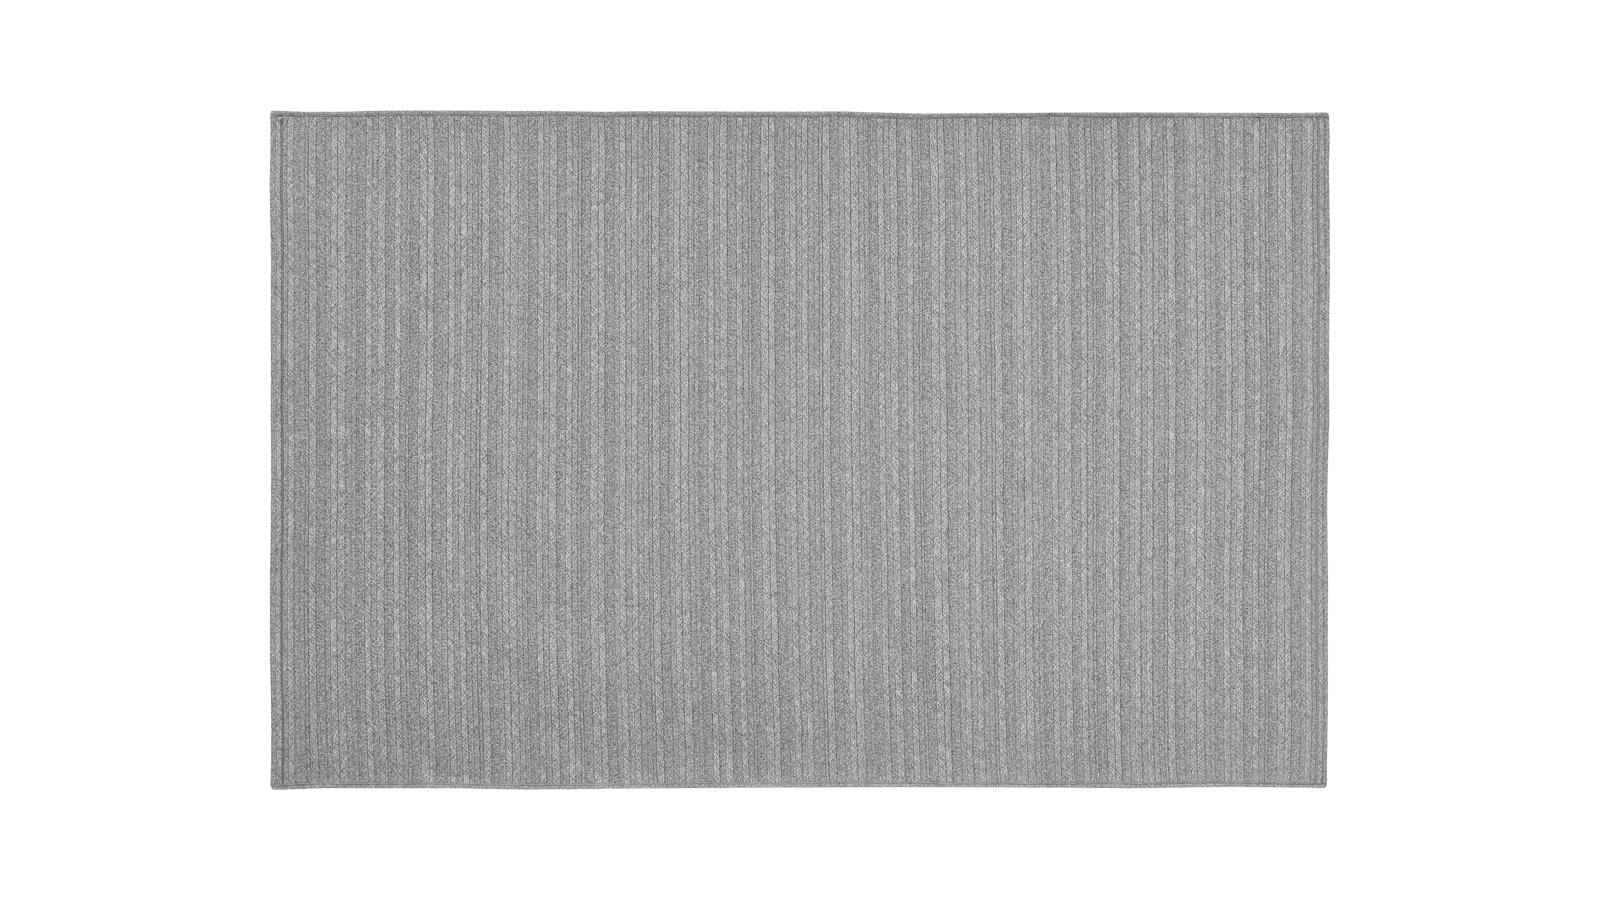 A Twist szőnyeg a bútorok és ülőalkalmatosságok közötti visszofogott, mégis exkluzív átvezetőként szolgál. Egy sokszínű kültéri berendezés megalapozója lehet, mely 100% poliolefin tartalmának köszönhetően tökéletesen ellenáll az időjárás viszontagságainak, és hosszú éveken át méltón képviseli tulajdonosa stílusát.